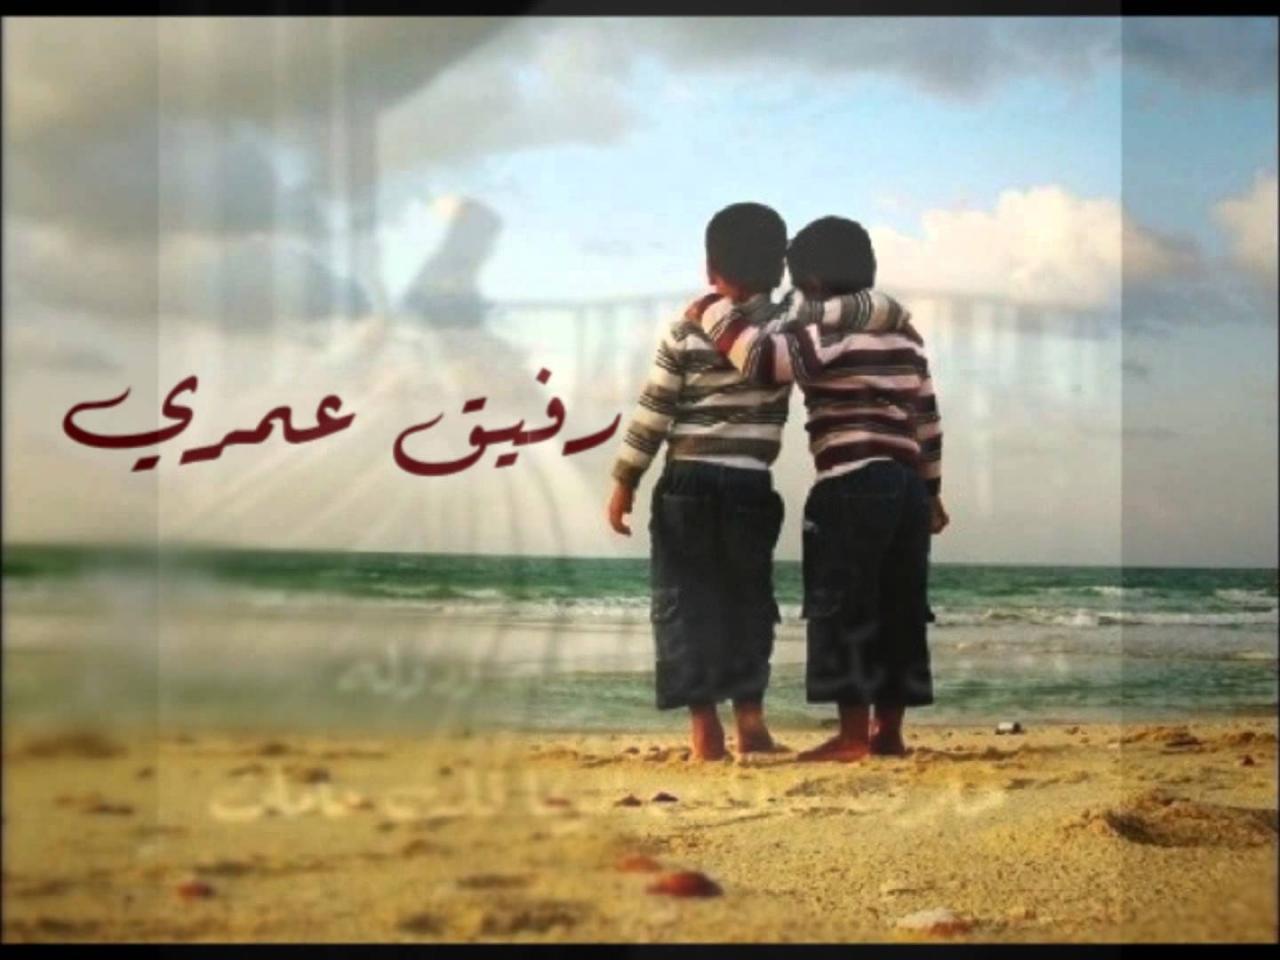 صورة كلمات جسر الصداقه , اجمل كلمات جسر الصداقة